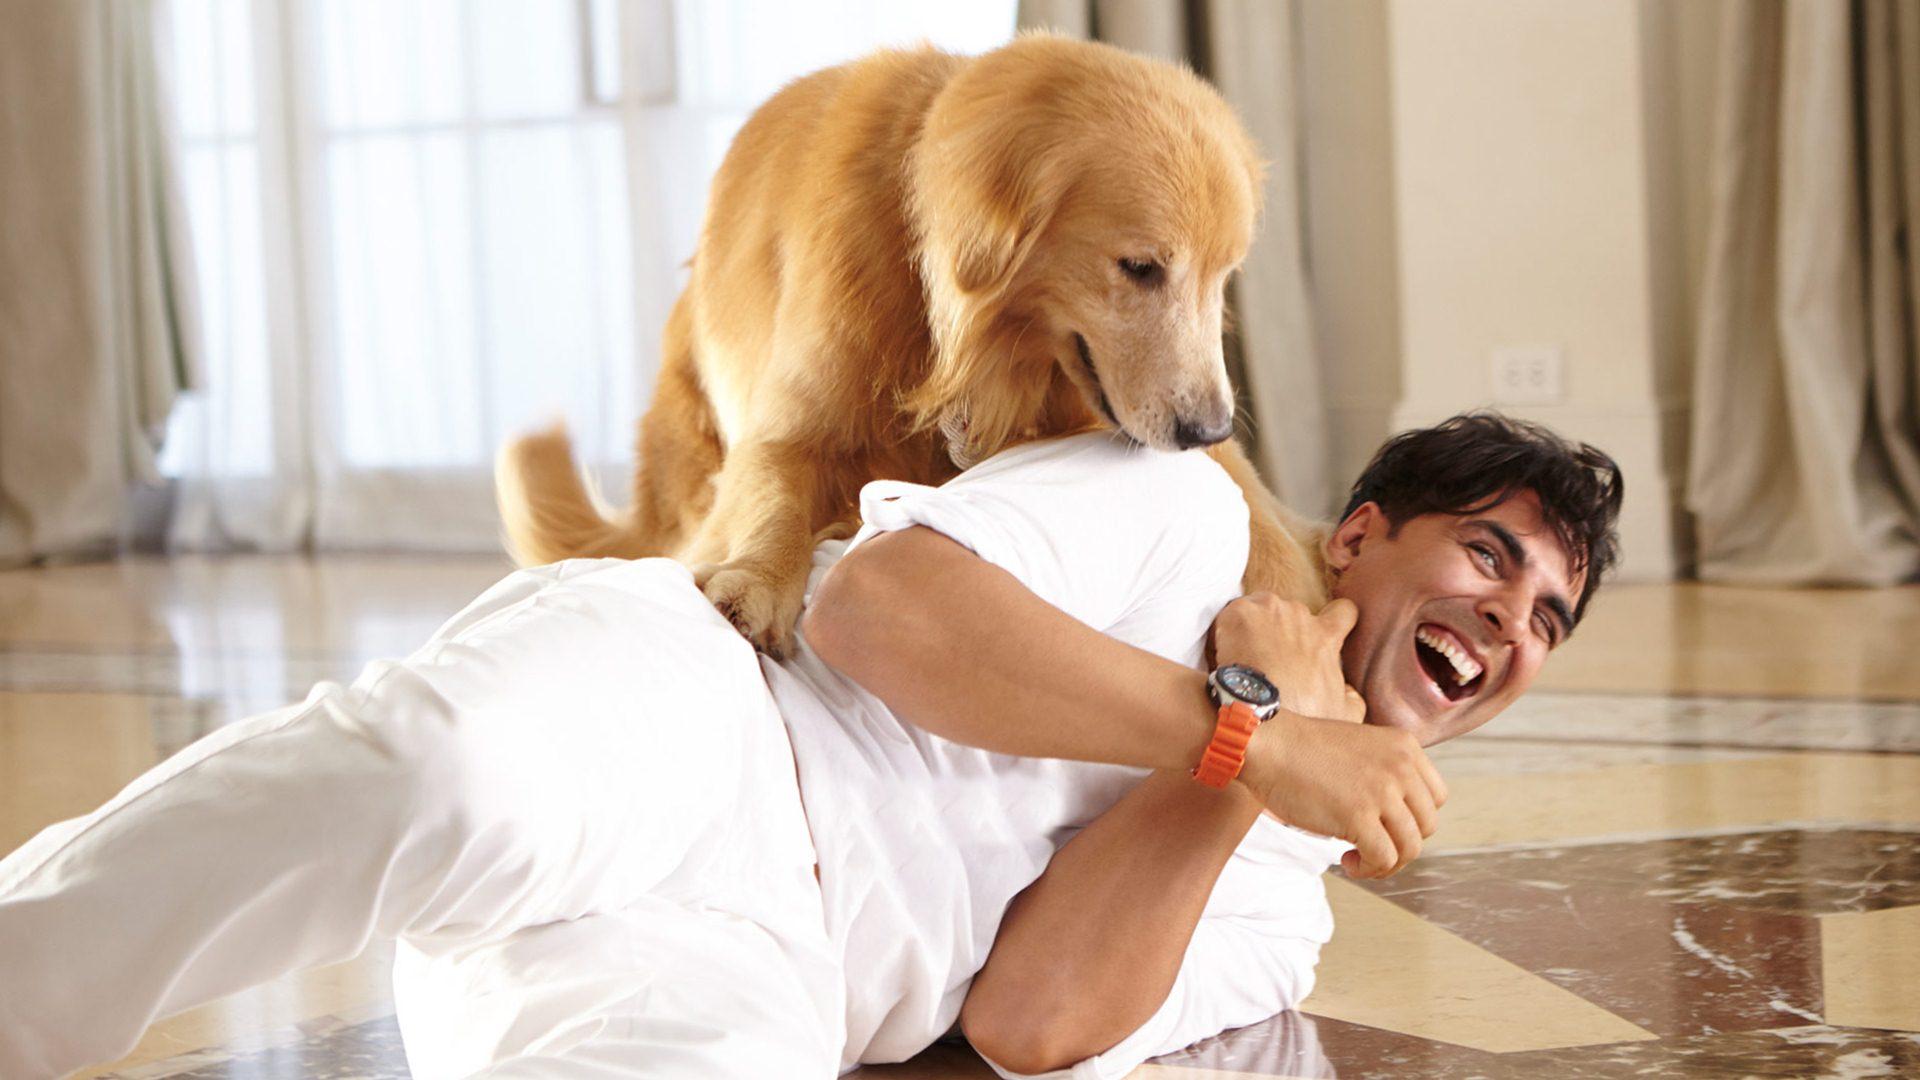 Akshay Kumar and the wonder dog